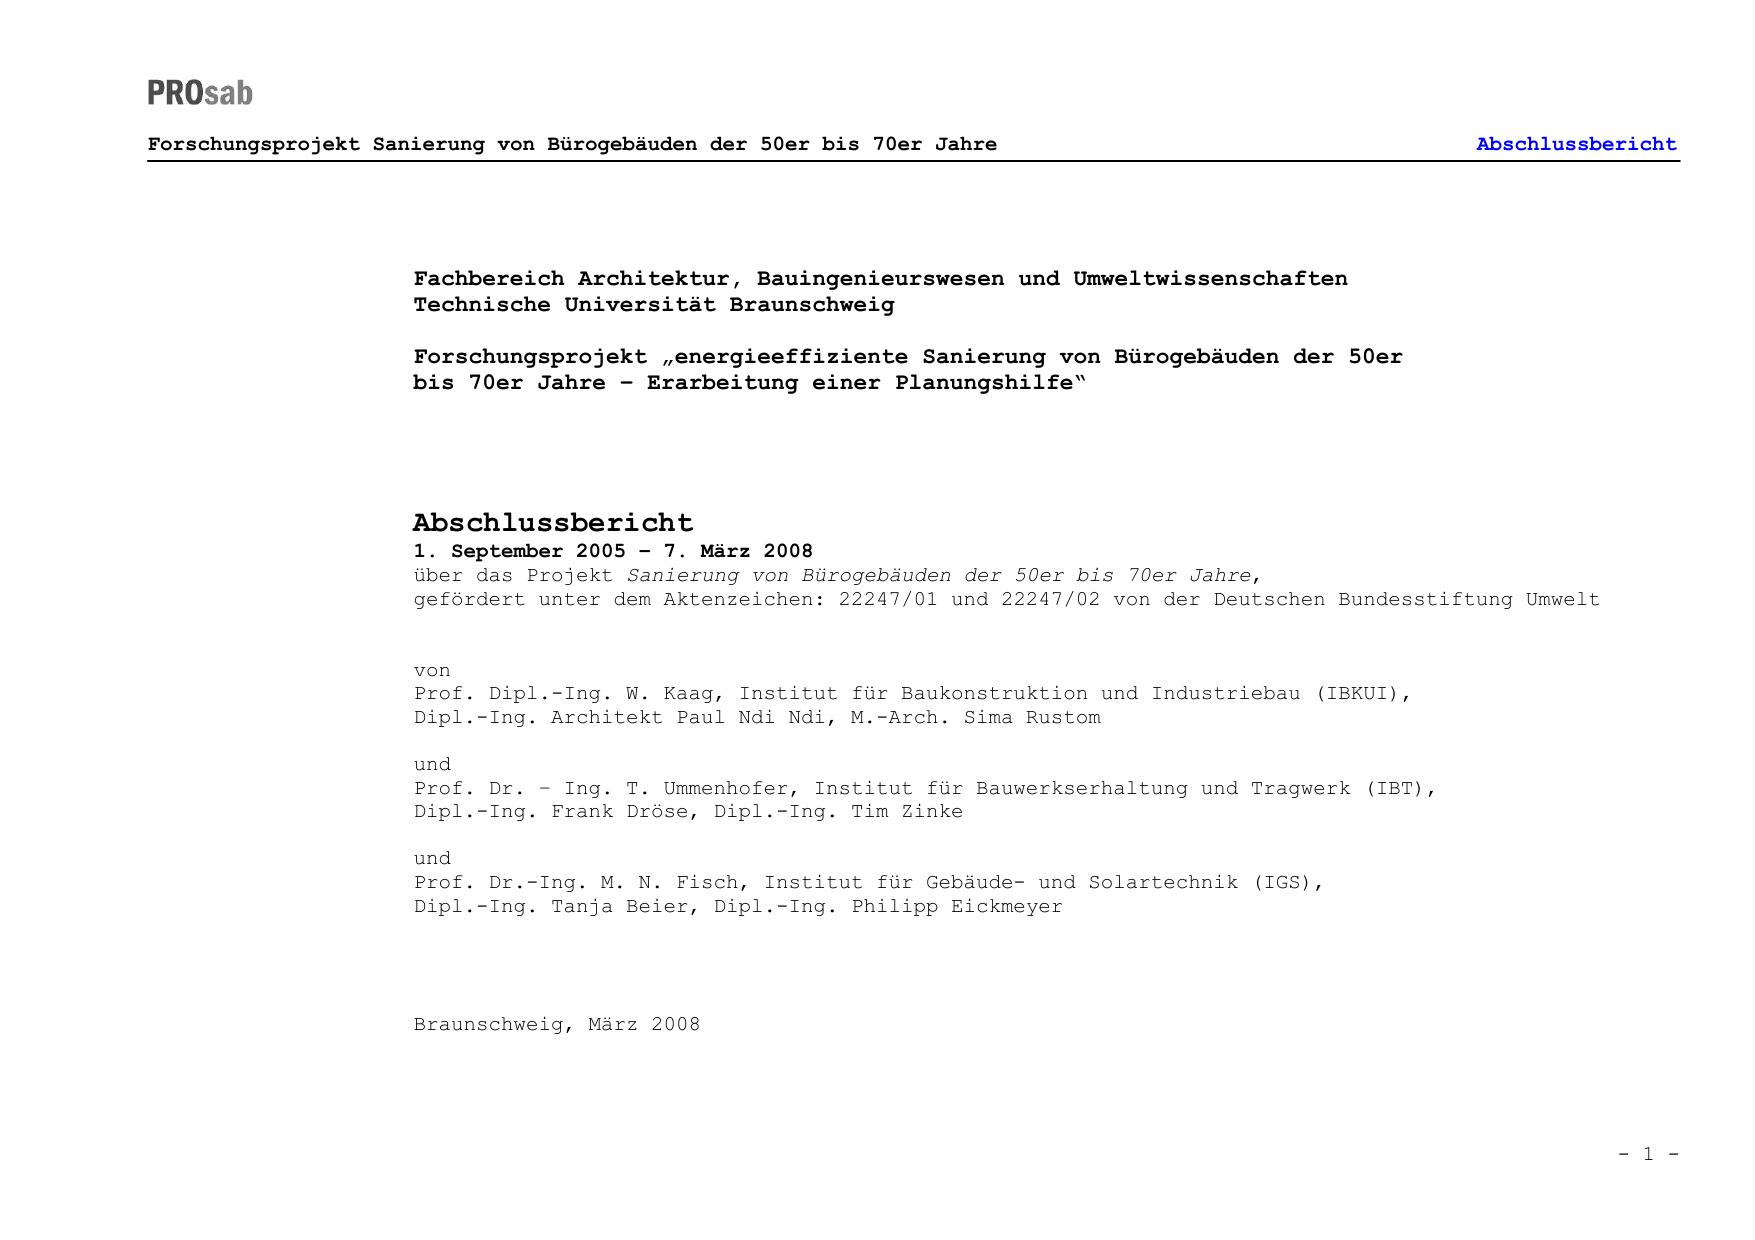 Abschlussbericht - Deutsche Bundesstiftung Umwelt